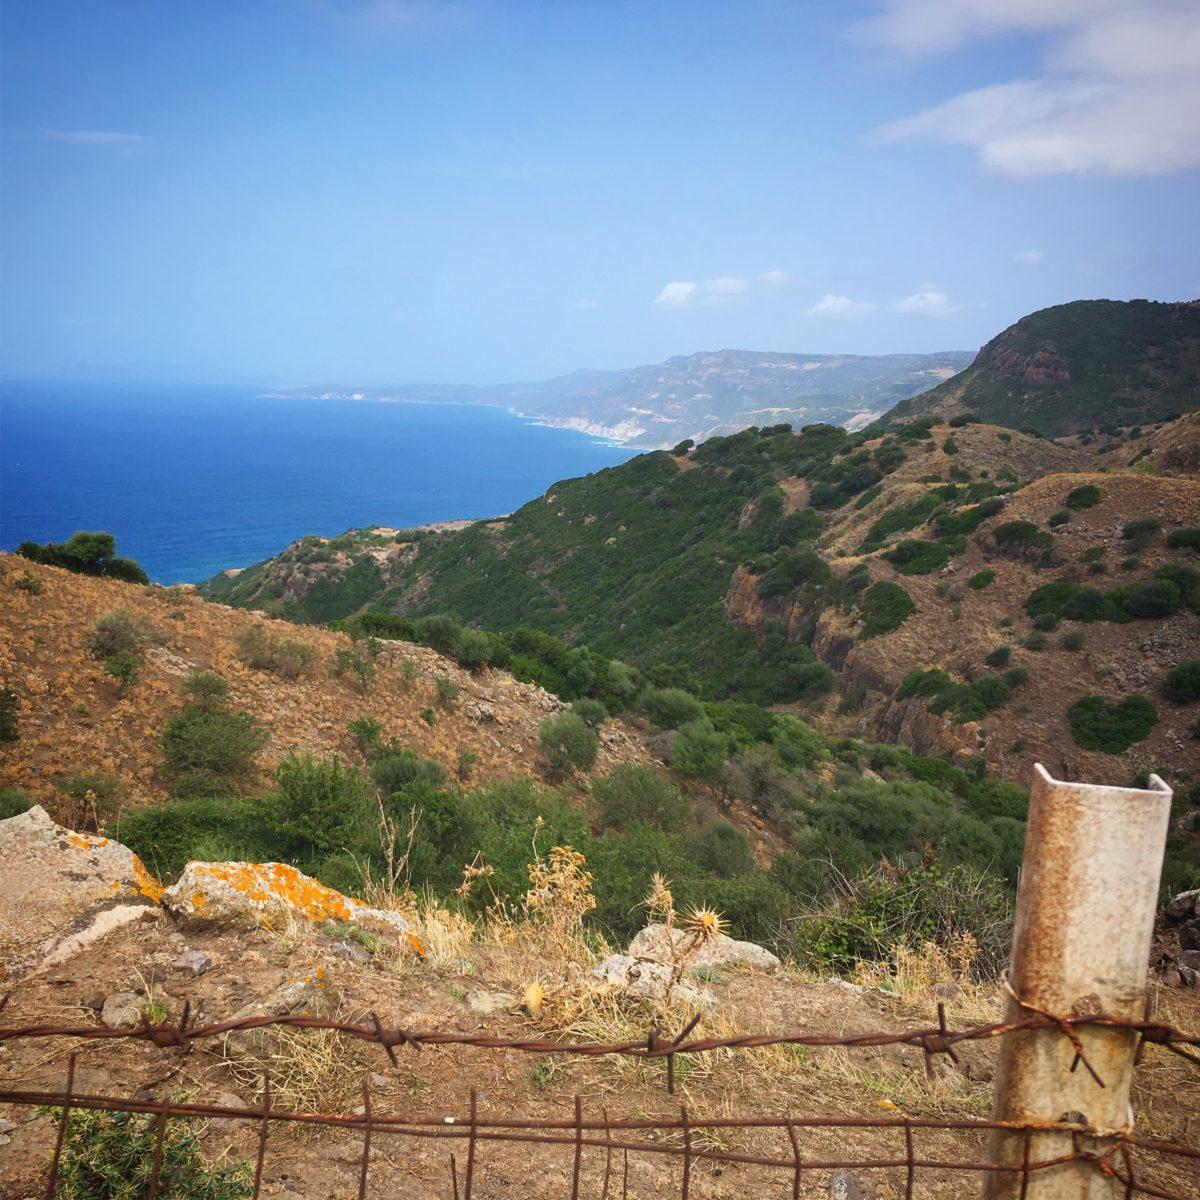 Küstenstrasse zwischen Alghero und Macomer